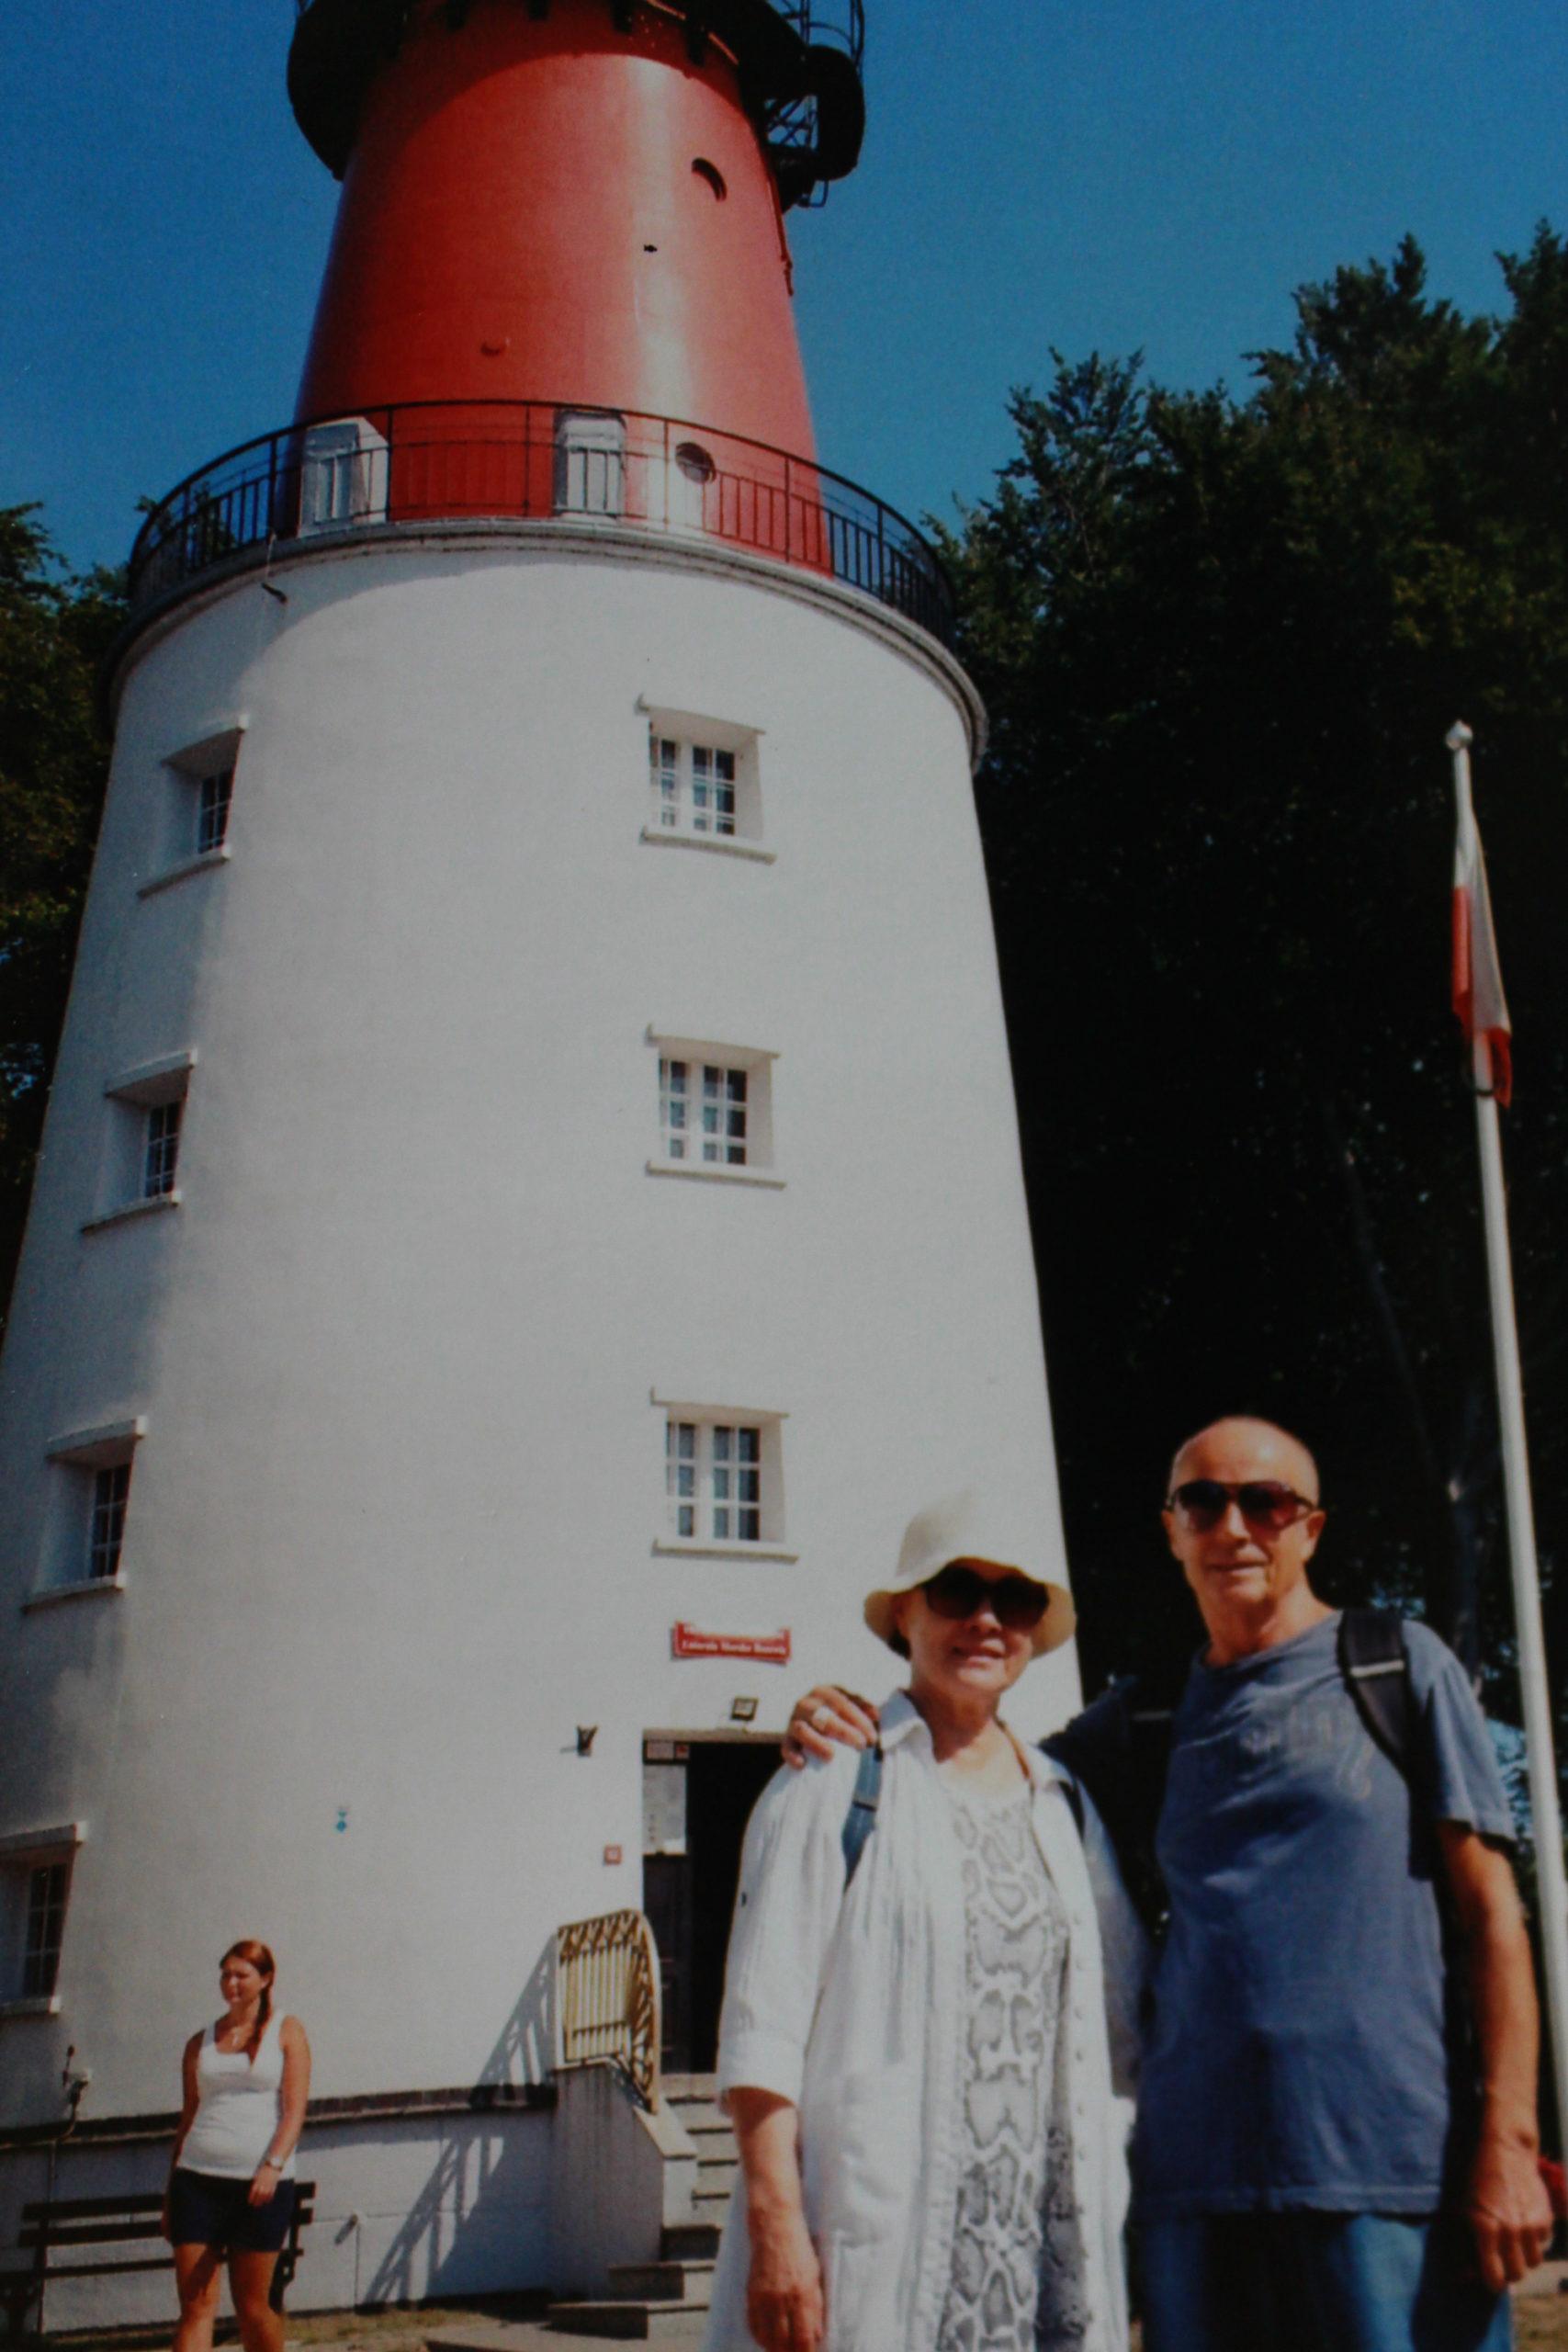 zdjęcia analogowe rodziców, latarnia morska jastrzębia góra